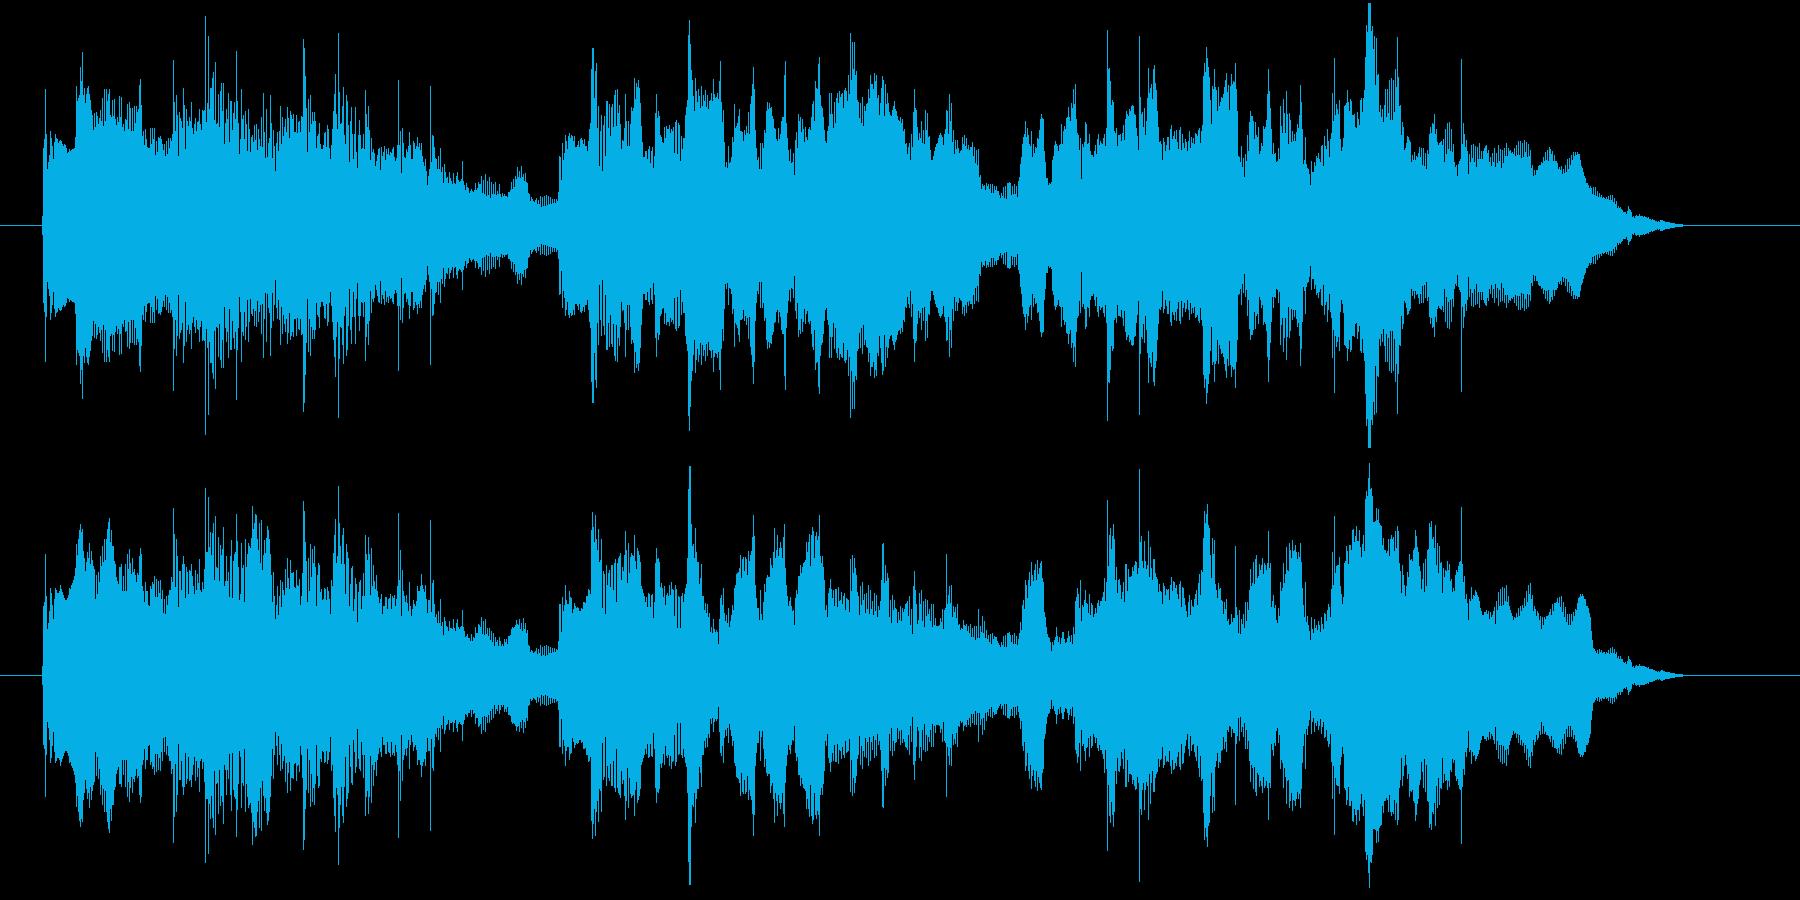 フルートが優しいCM向けBGMの再生済みの波形